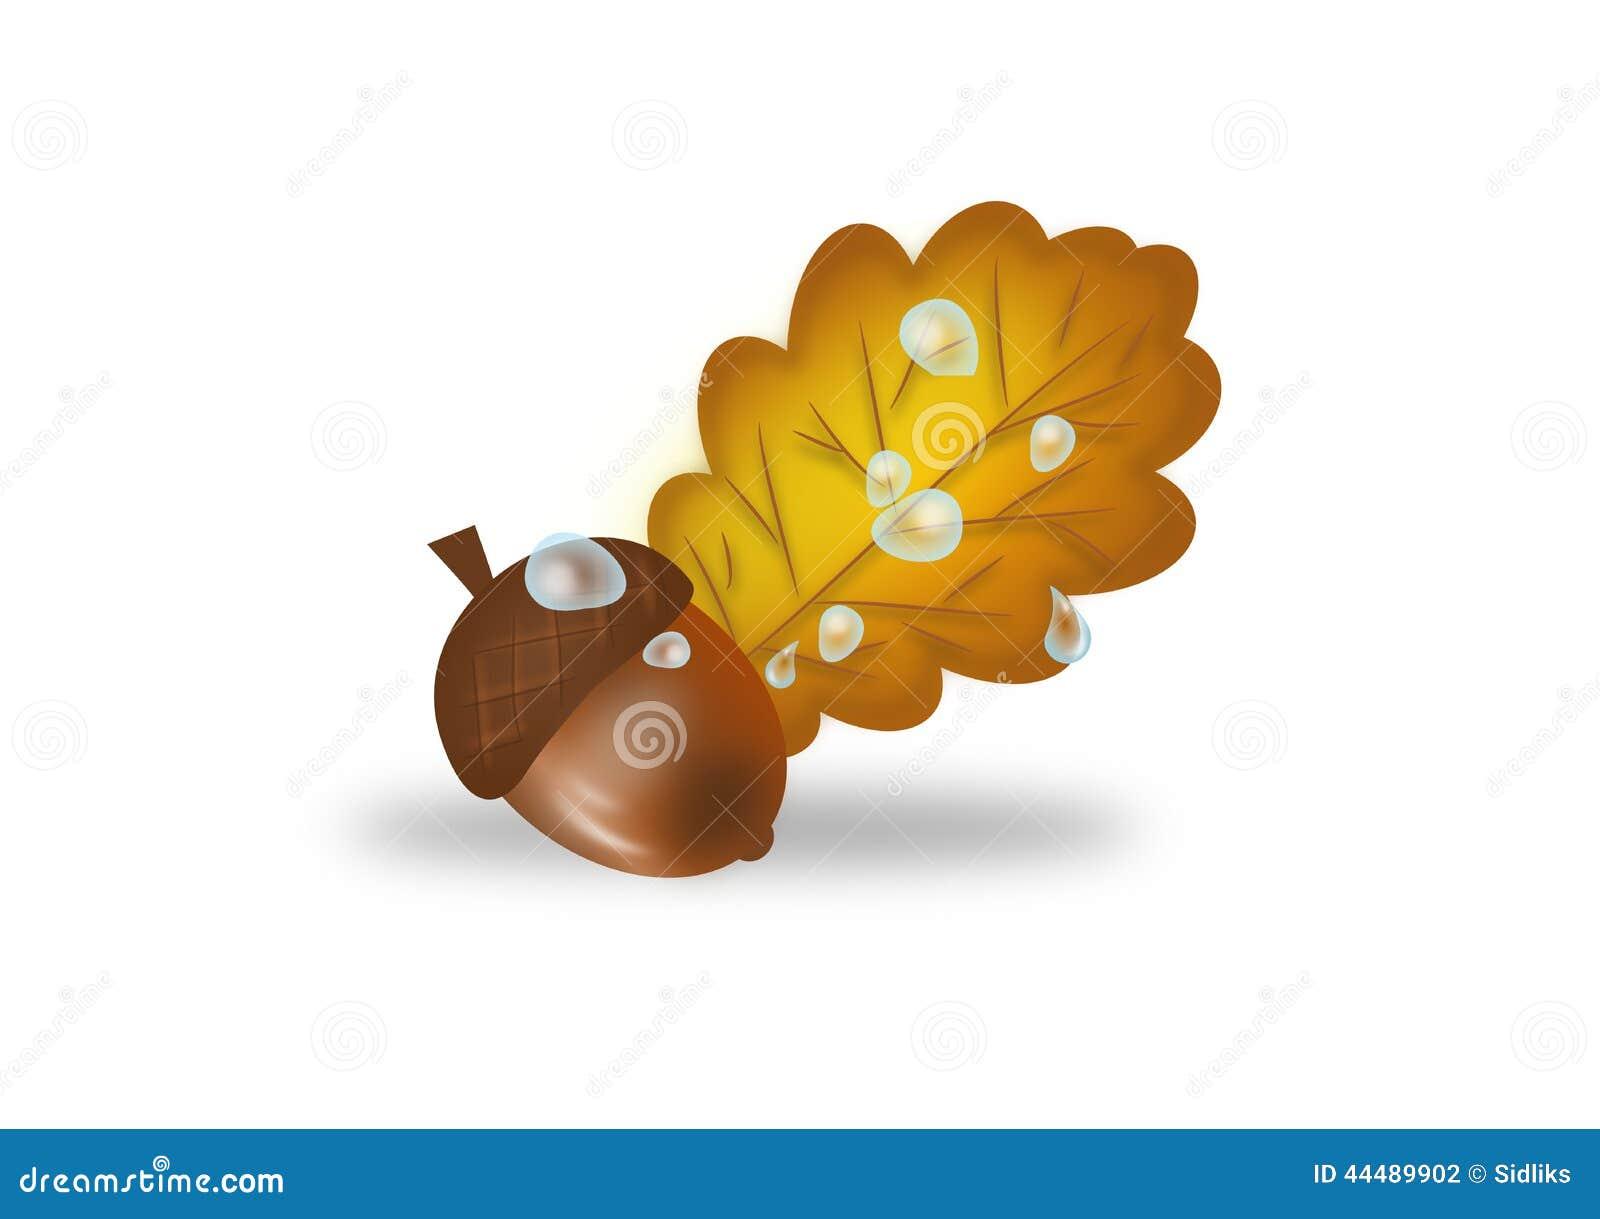 橡树橡子和叶子